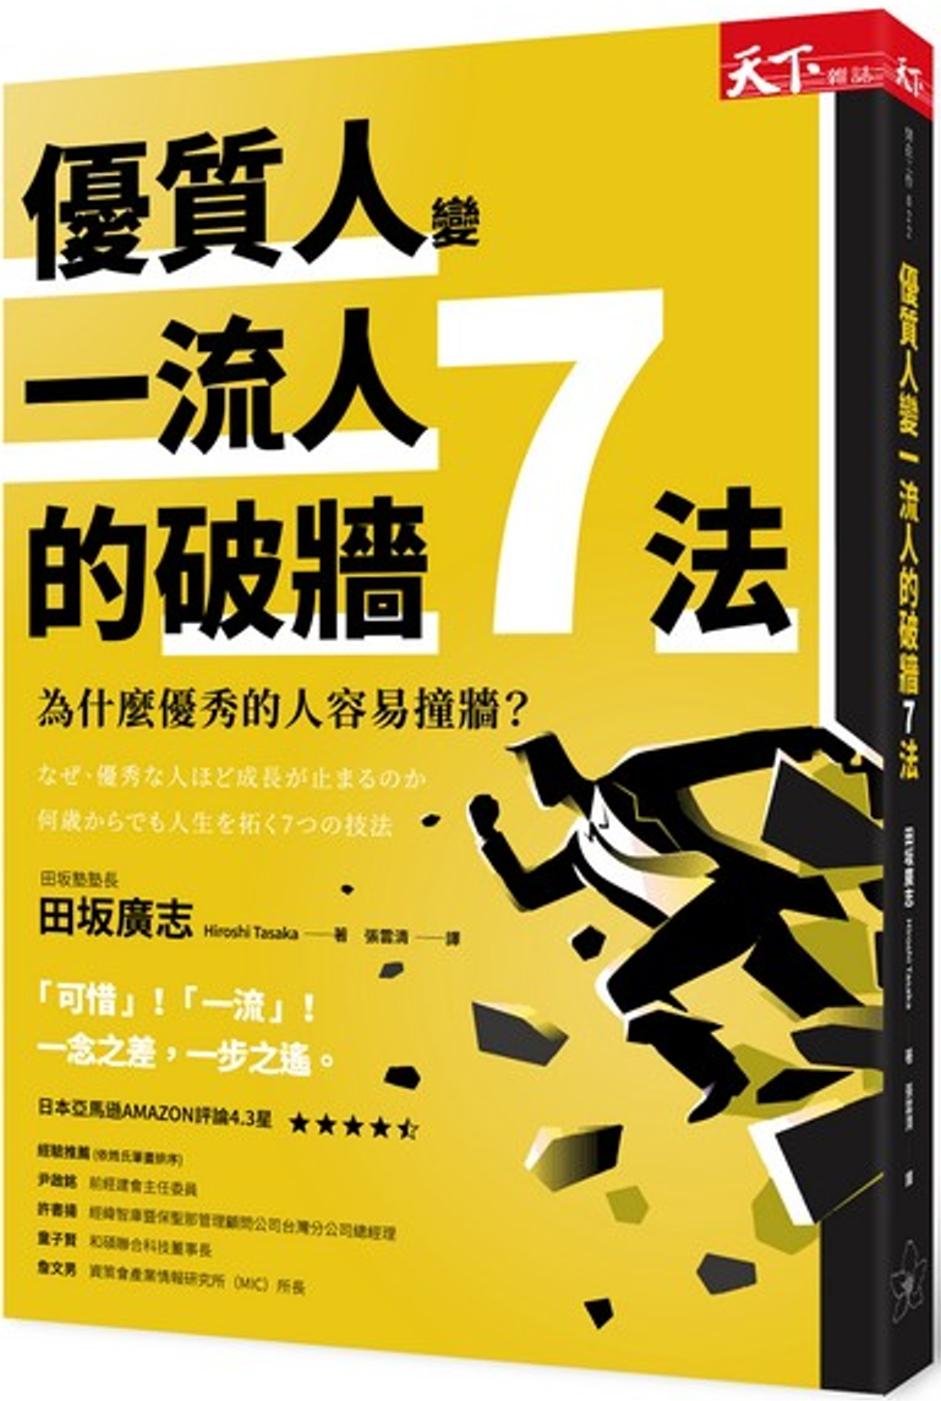 優質人變一流人的破牆7法:為什麼優秀的人容易撞牆?